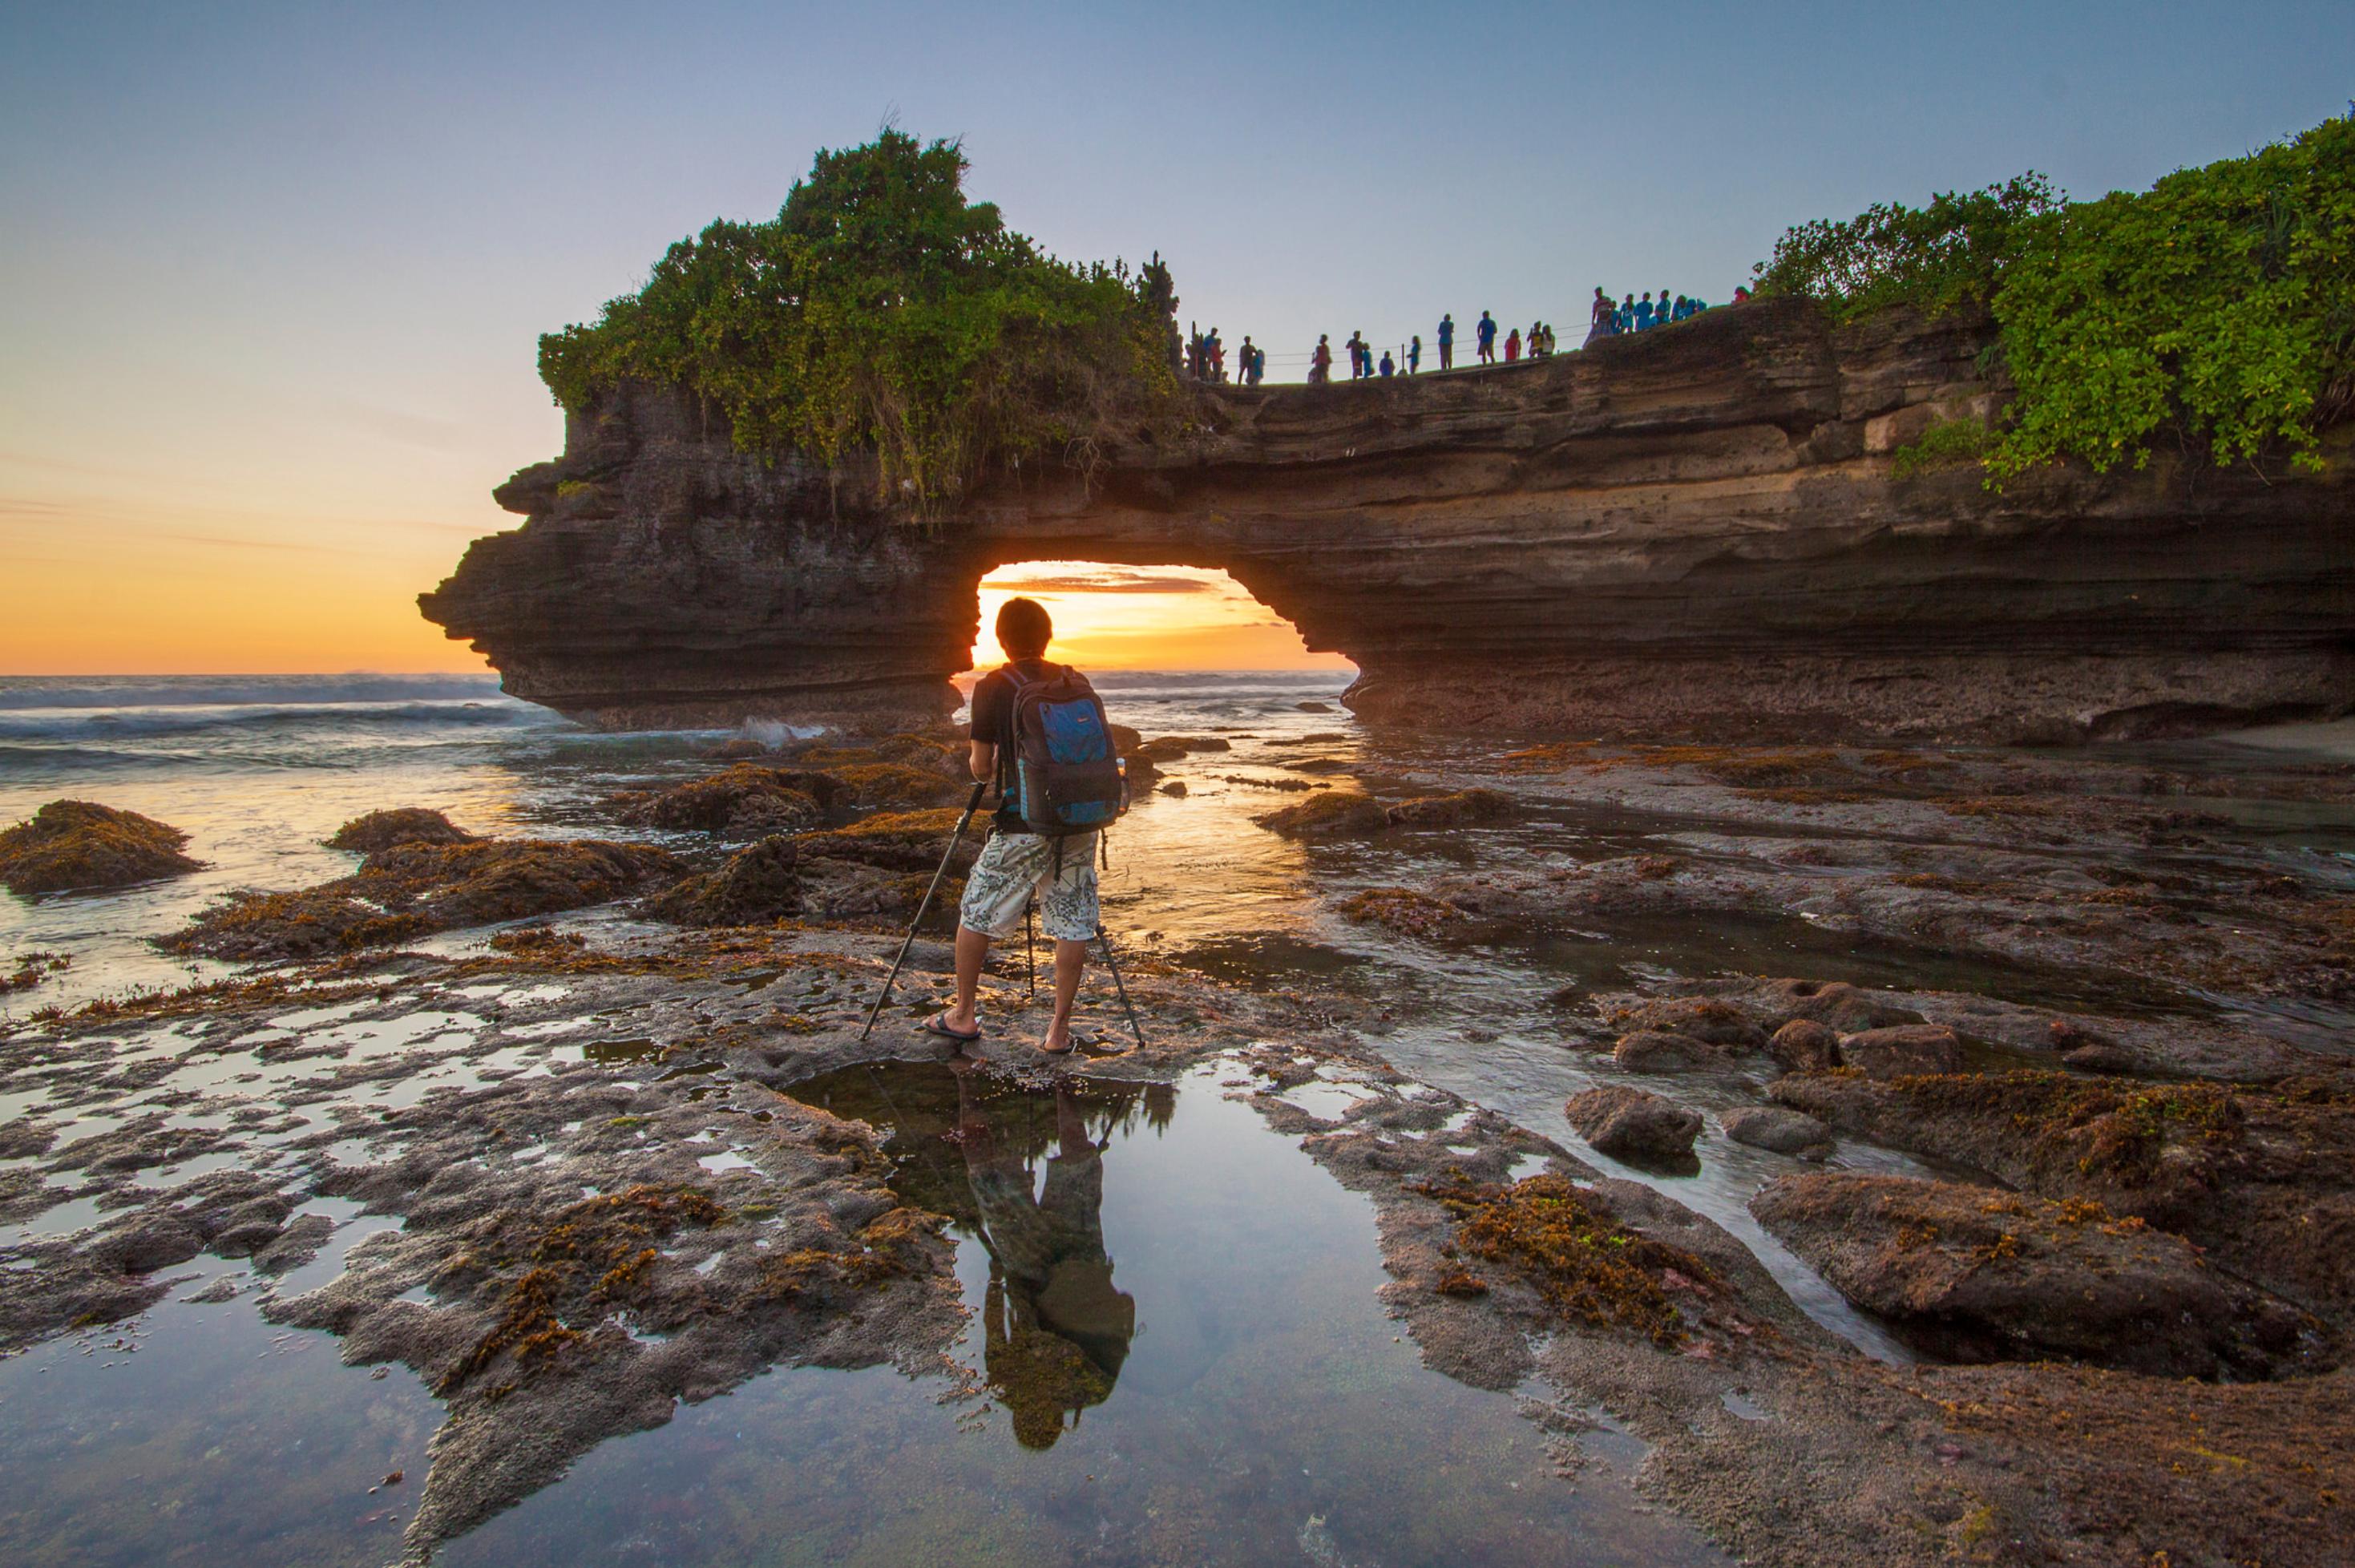 Viaje fotográfico a Bali organizado por la escuela FotoGasteiz (agosto de 2018)